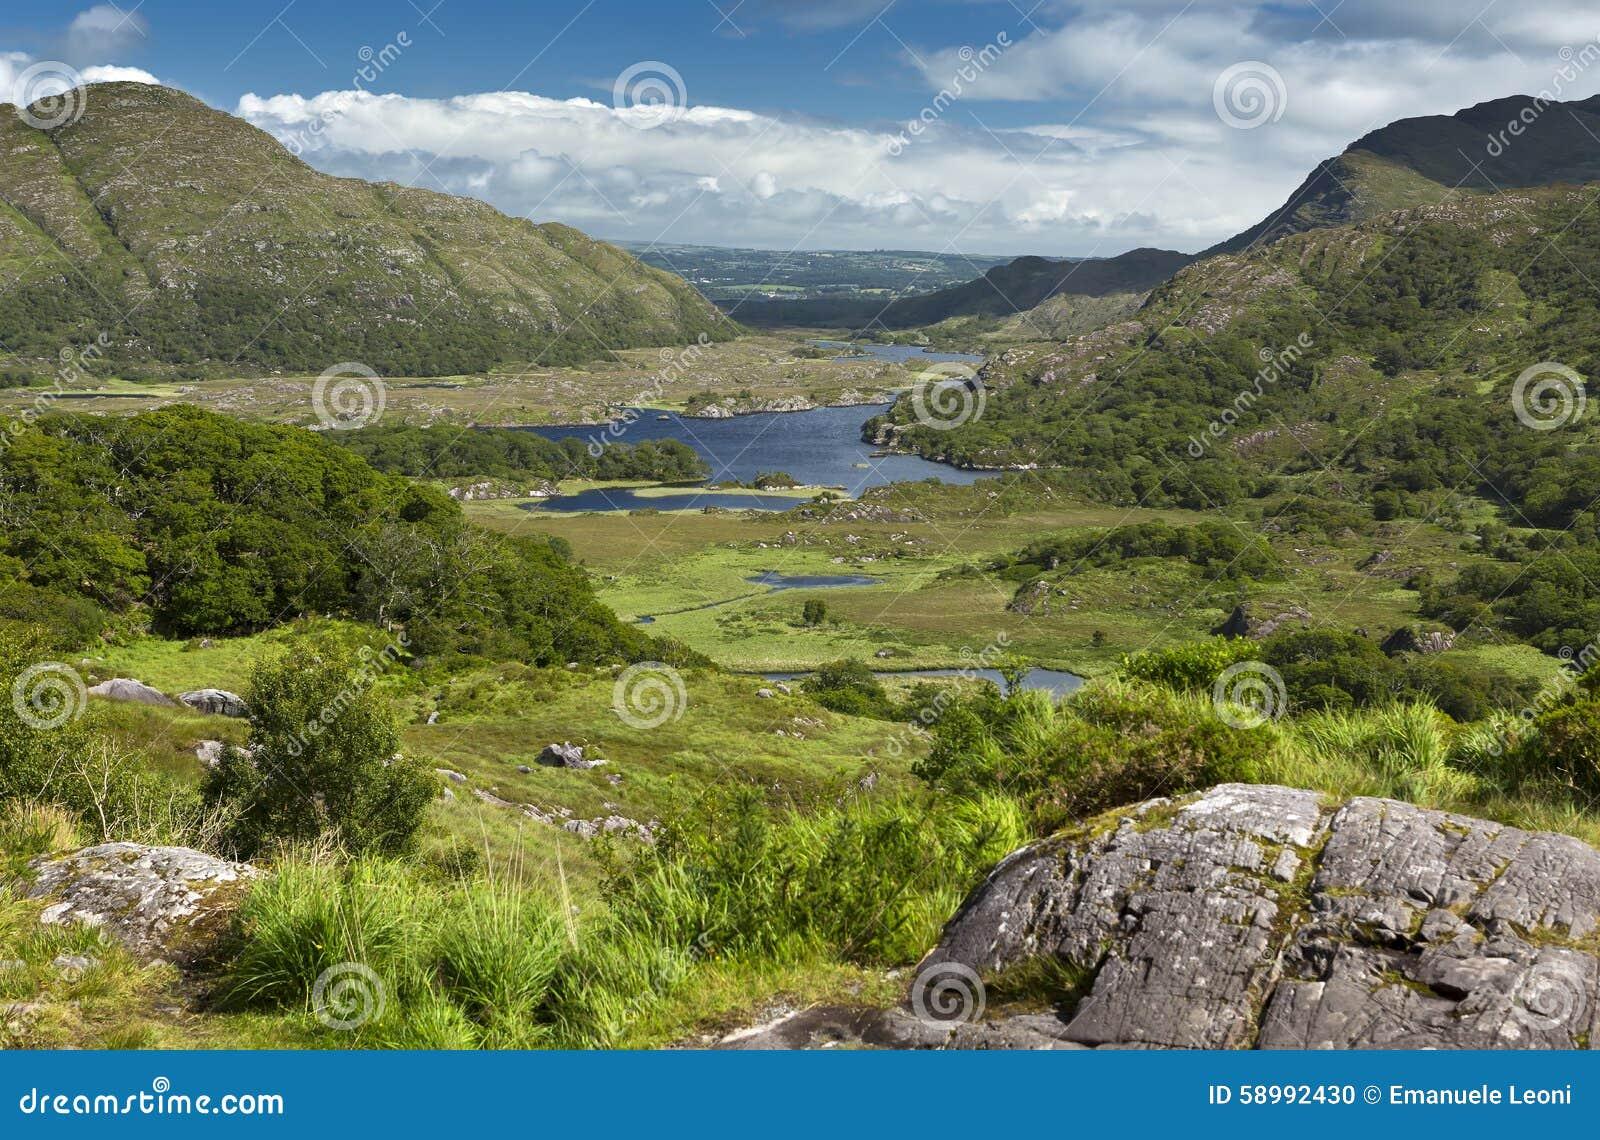 1861个美丽的告诉的这里日凯利killarney夫人湖山说出刚孵出的雏点女王/王后s名字风景有利维多利亚视图被访问的等待是的夏天晴朗的被采取的谷谁 谷的这个风景看法是达